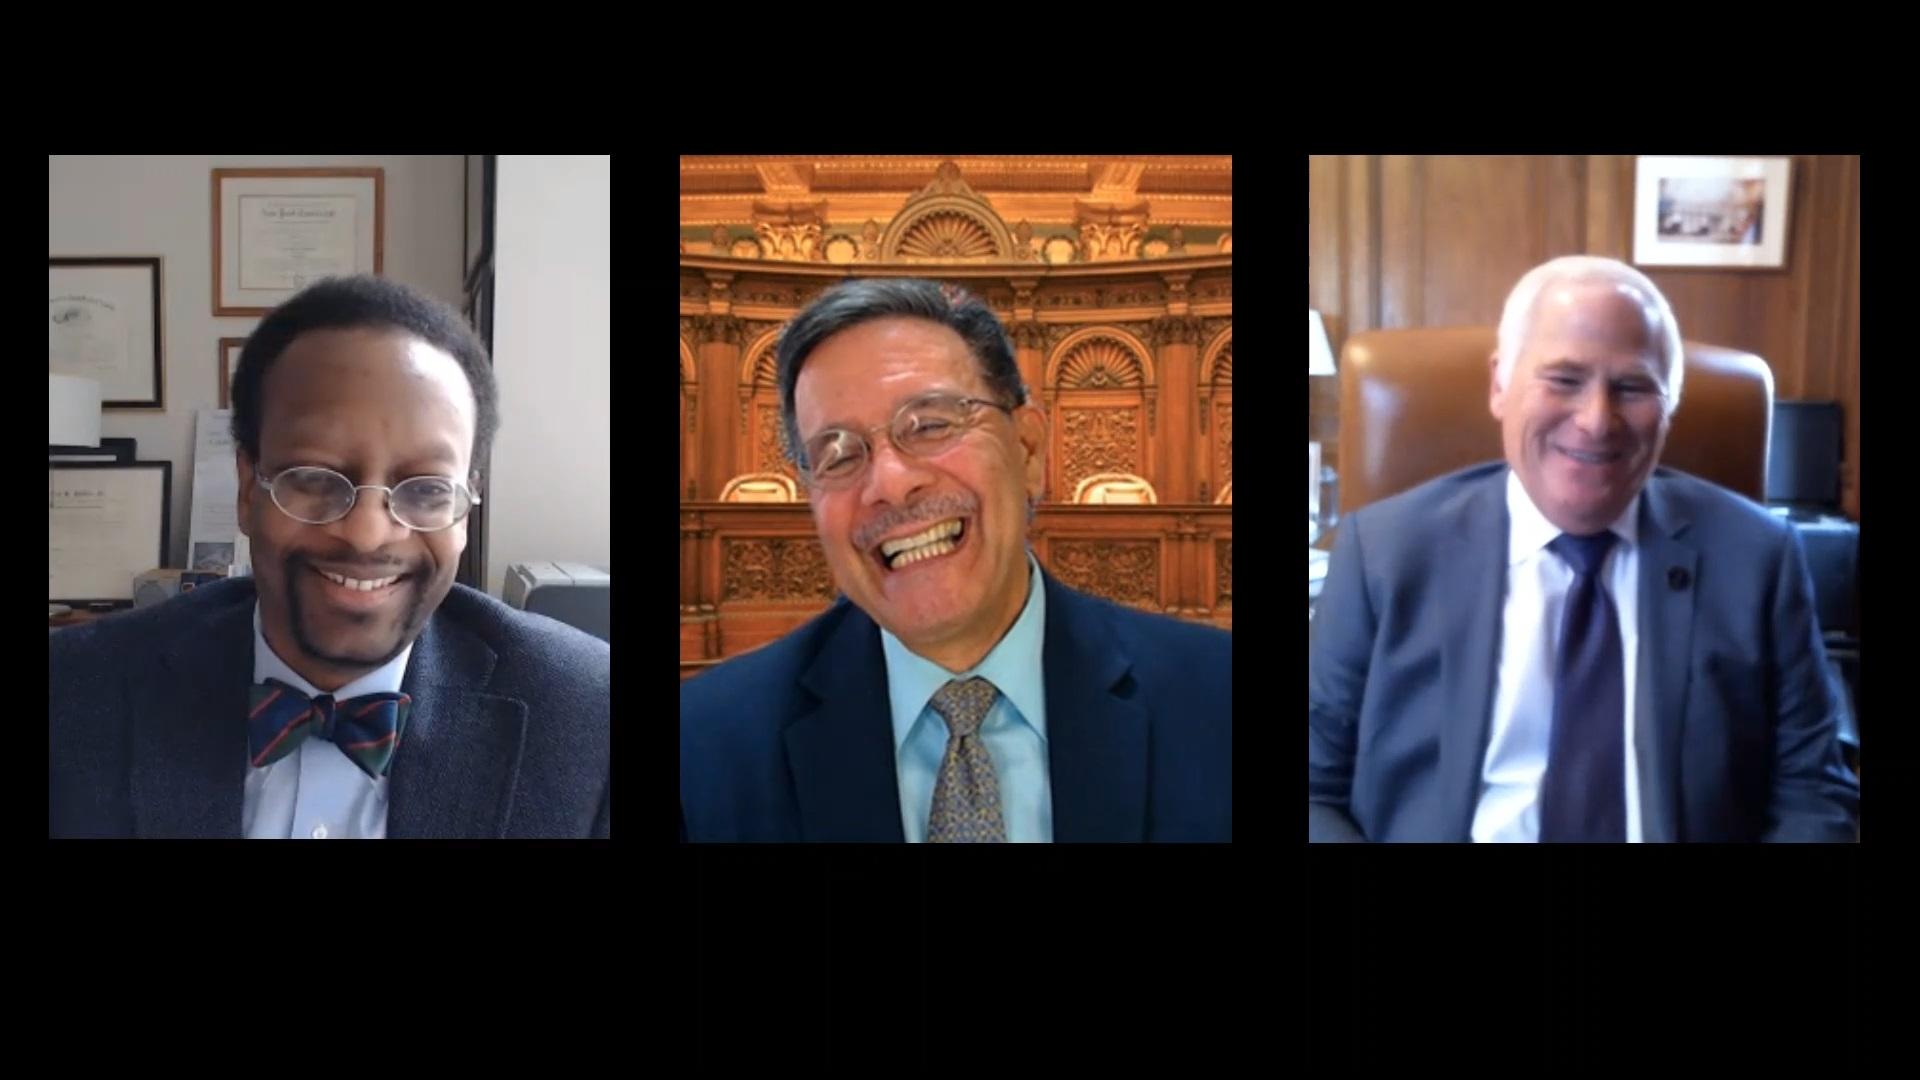 Hon. Rolando Acosta, Hon. Alan Scheinkman, & Prof. Troy McKenzie